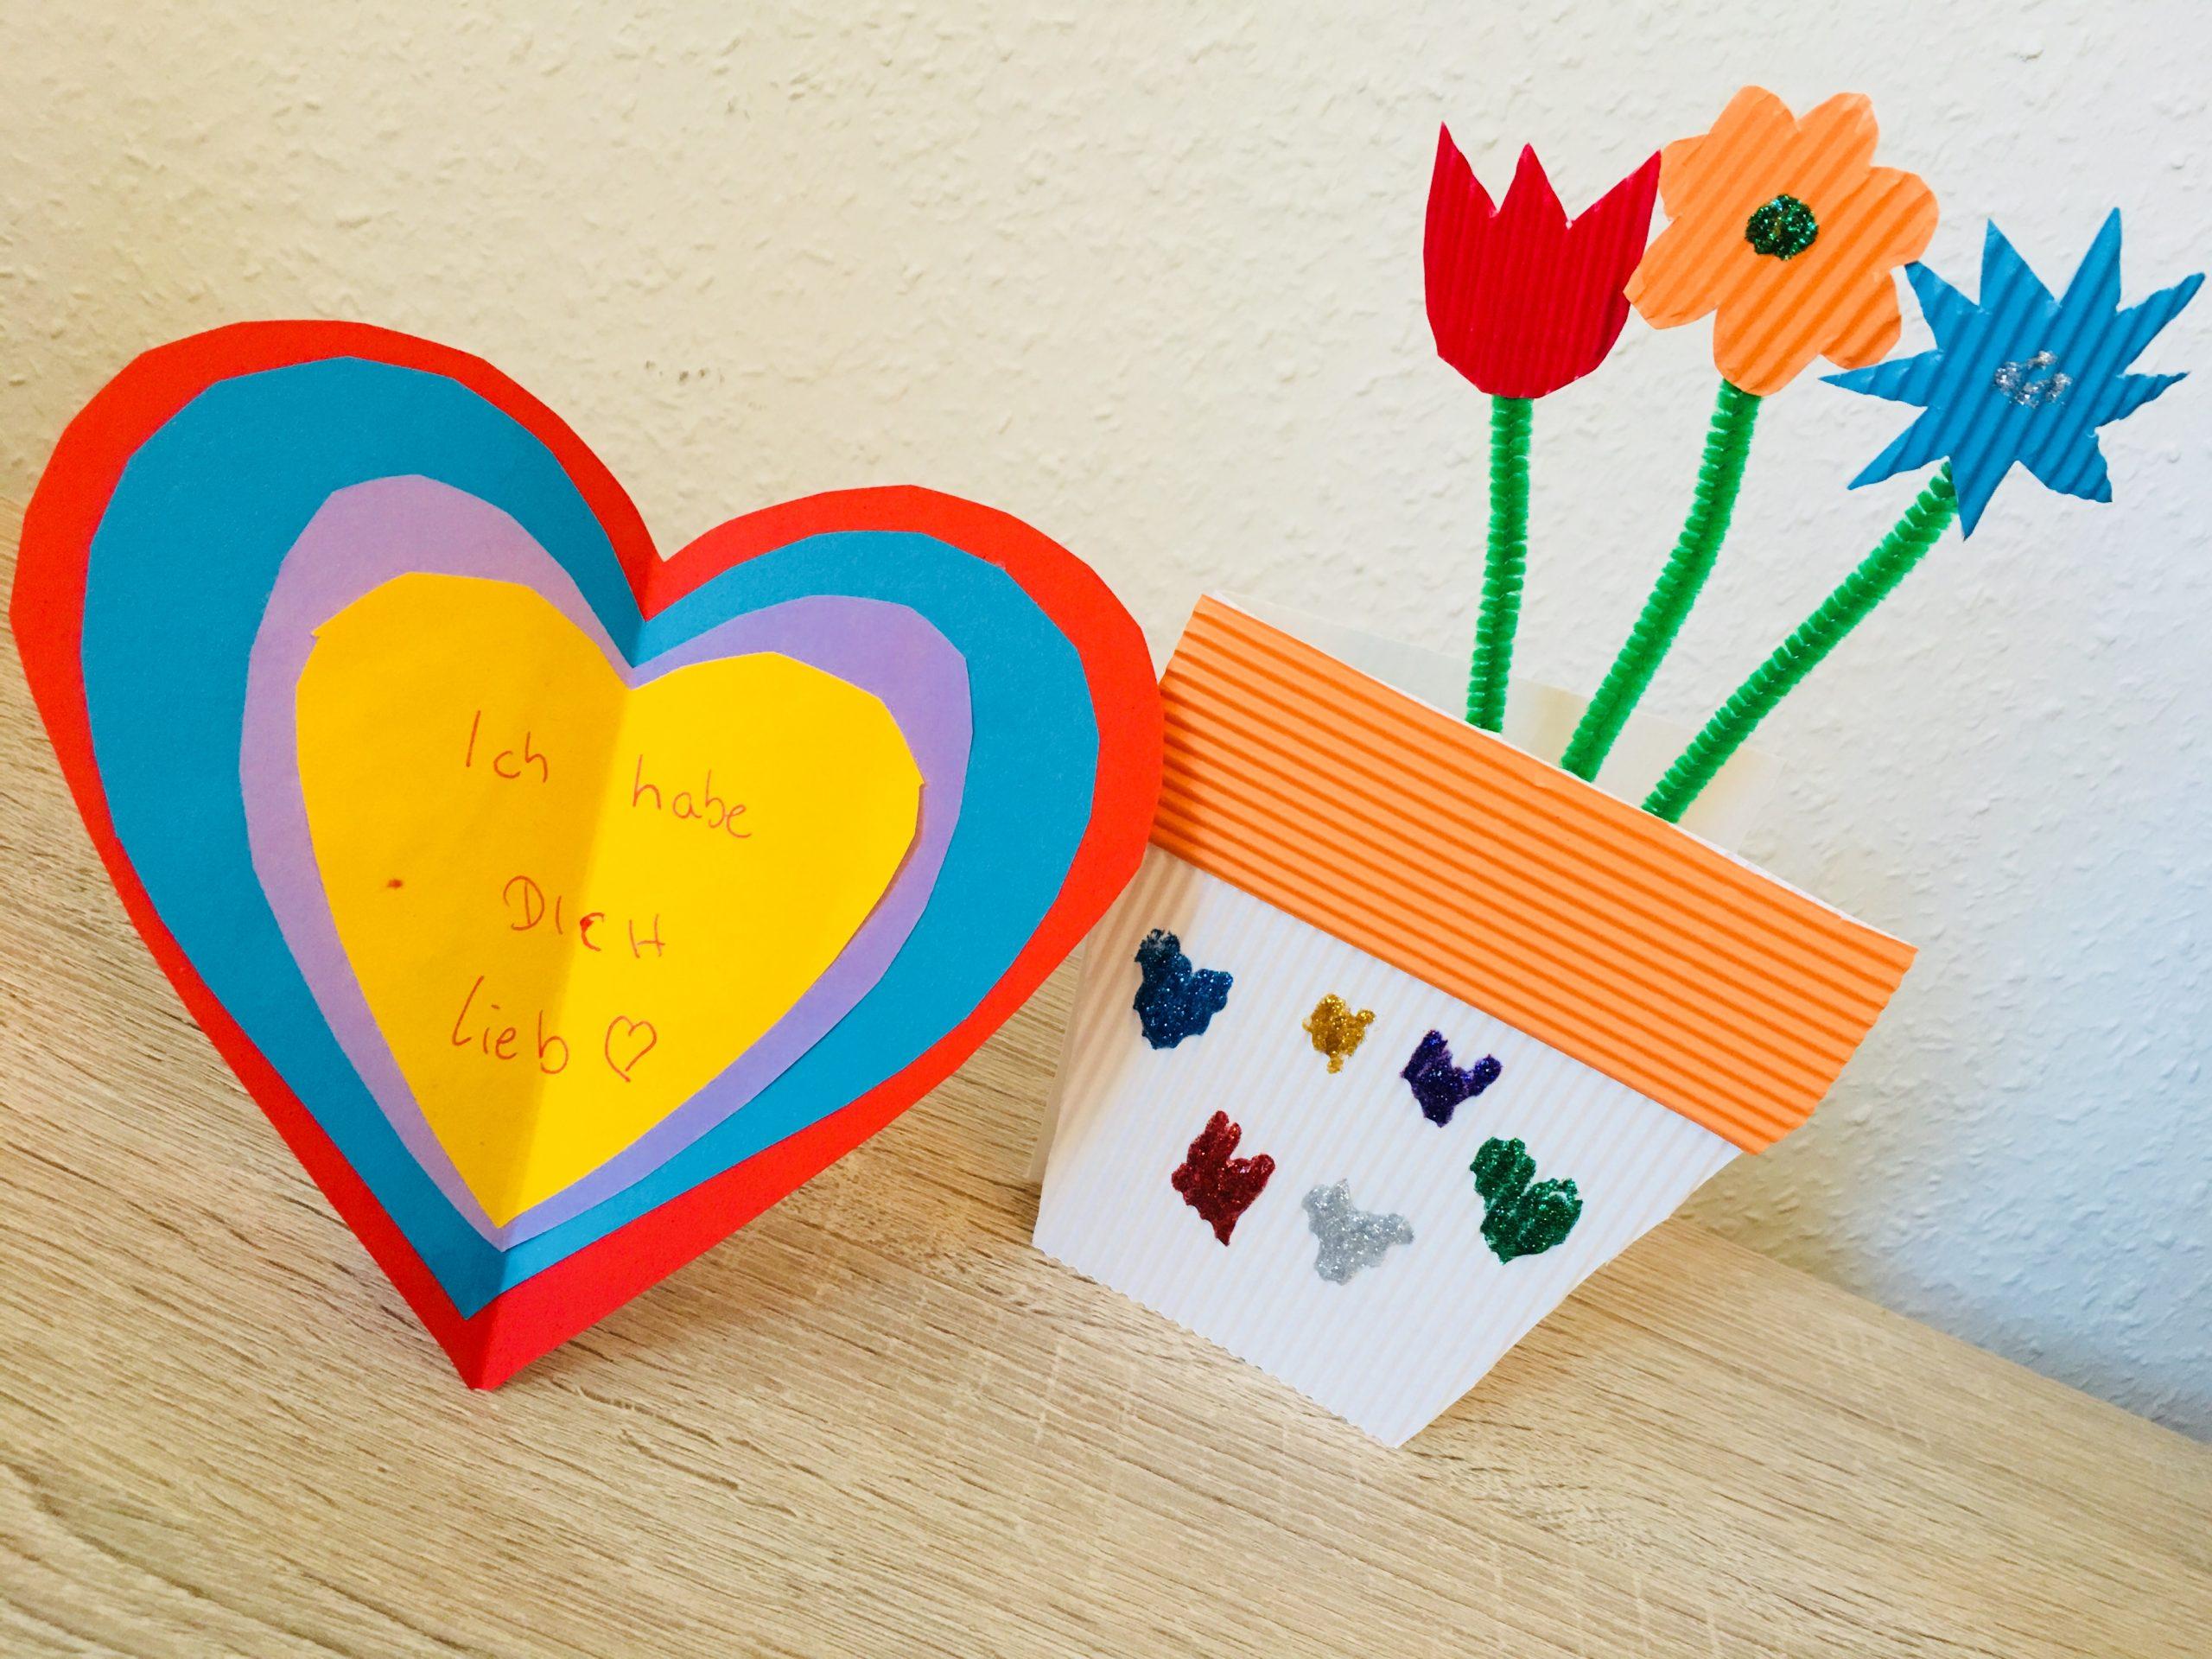 Karten Für Den Muttertag Basteln Mit Kindern   Der in Basteln Grundschule